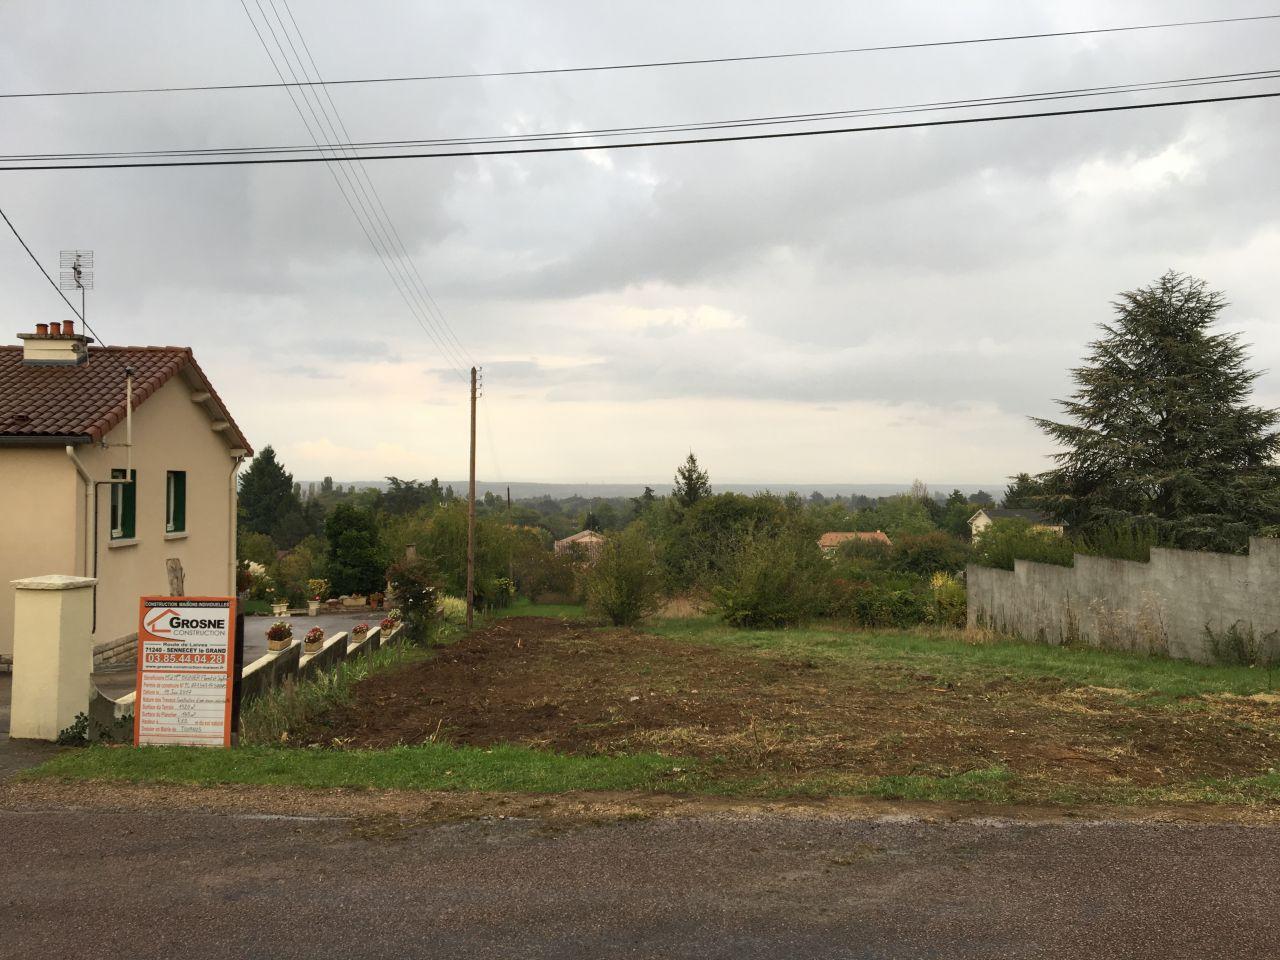 Début du terrassement : les haies du côté gauche sont également arrachées car la maison sera en limite de propriété